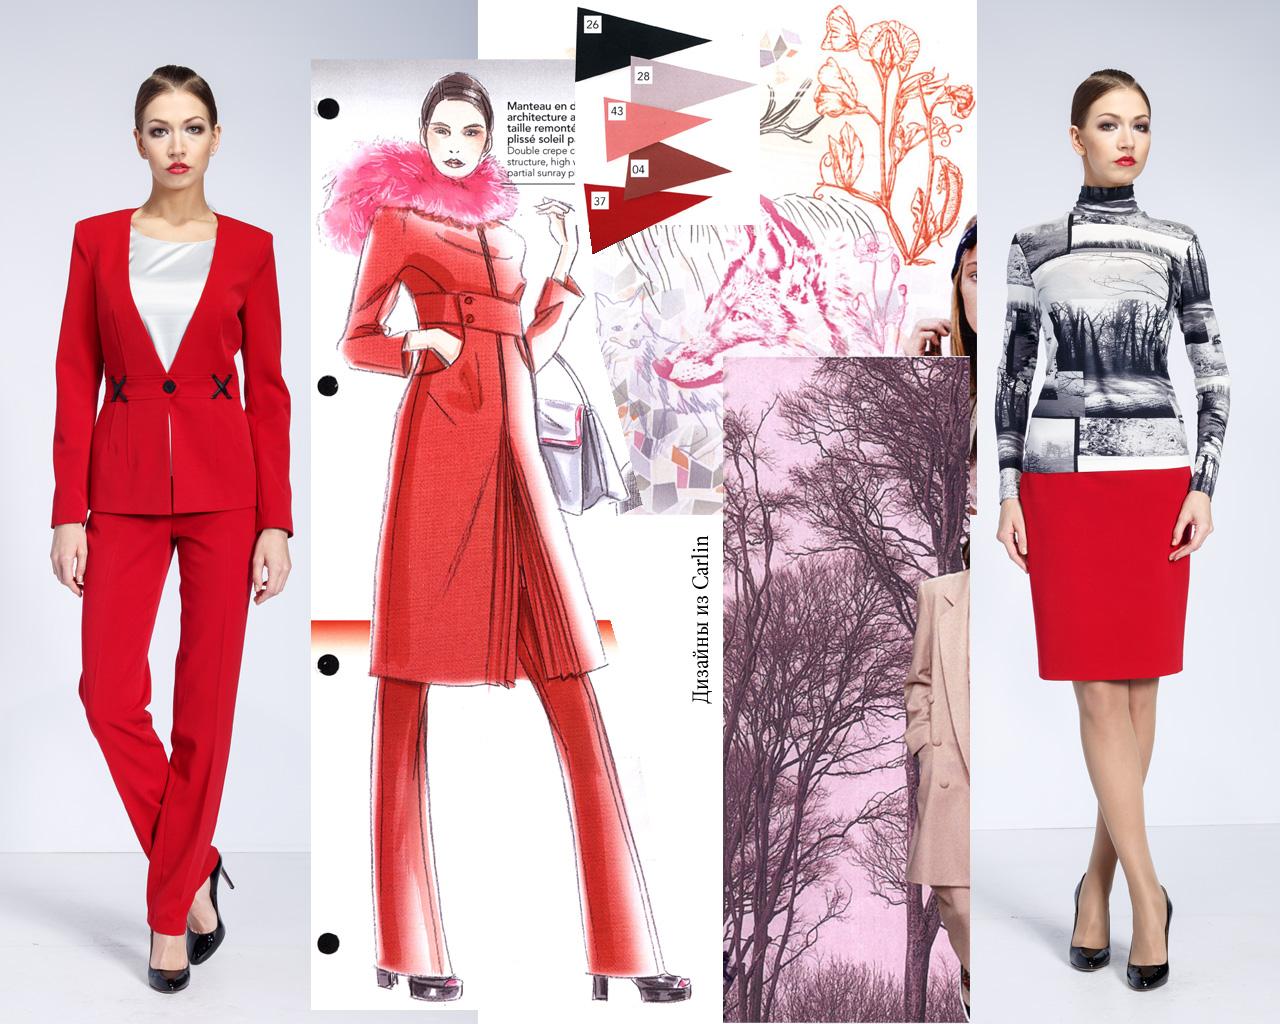 Дресс Код Магазин Женской Одежды Официальный